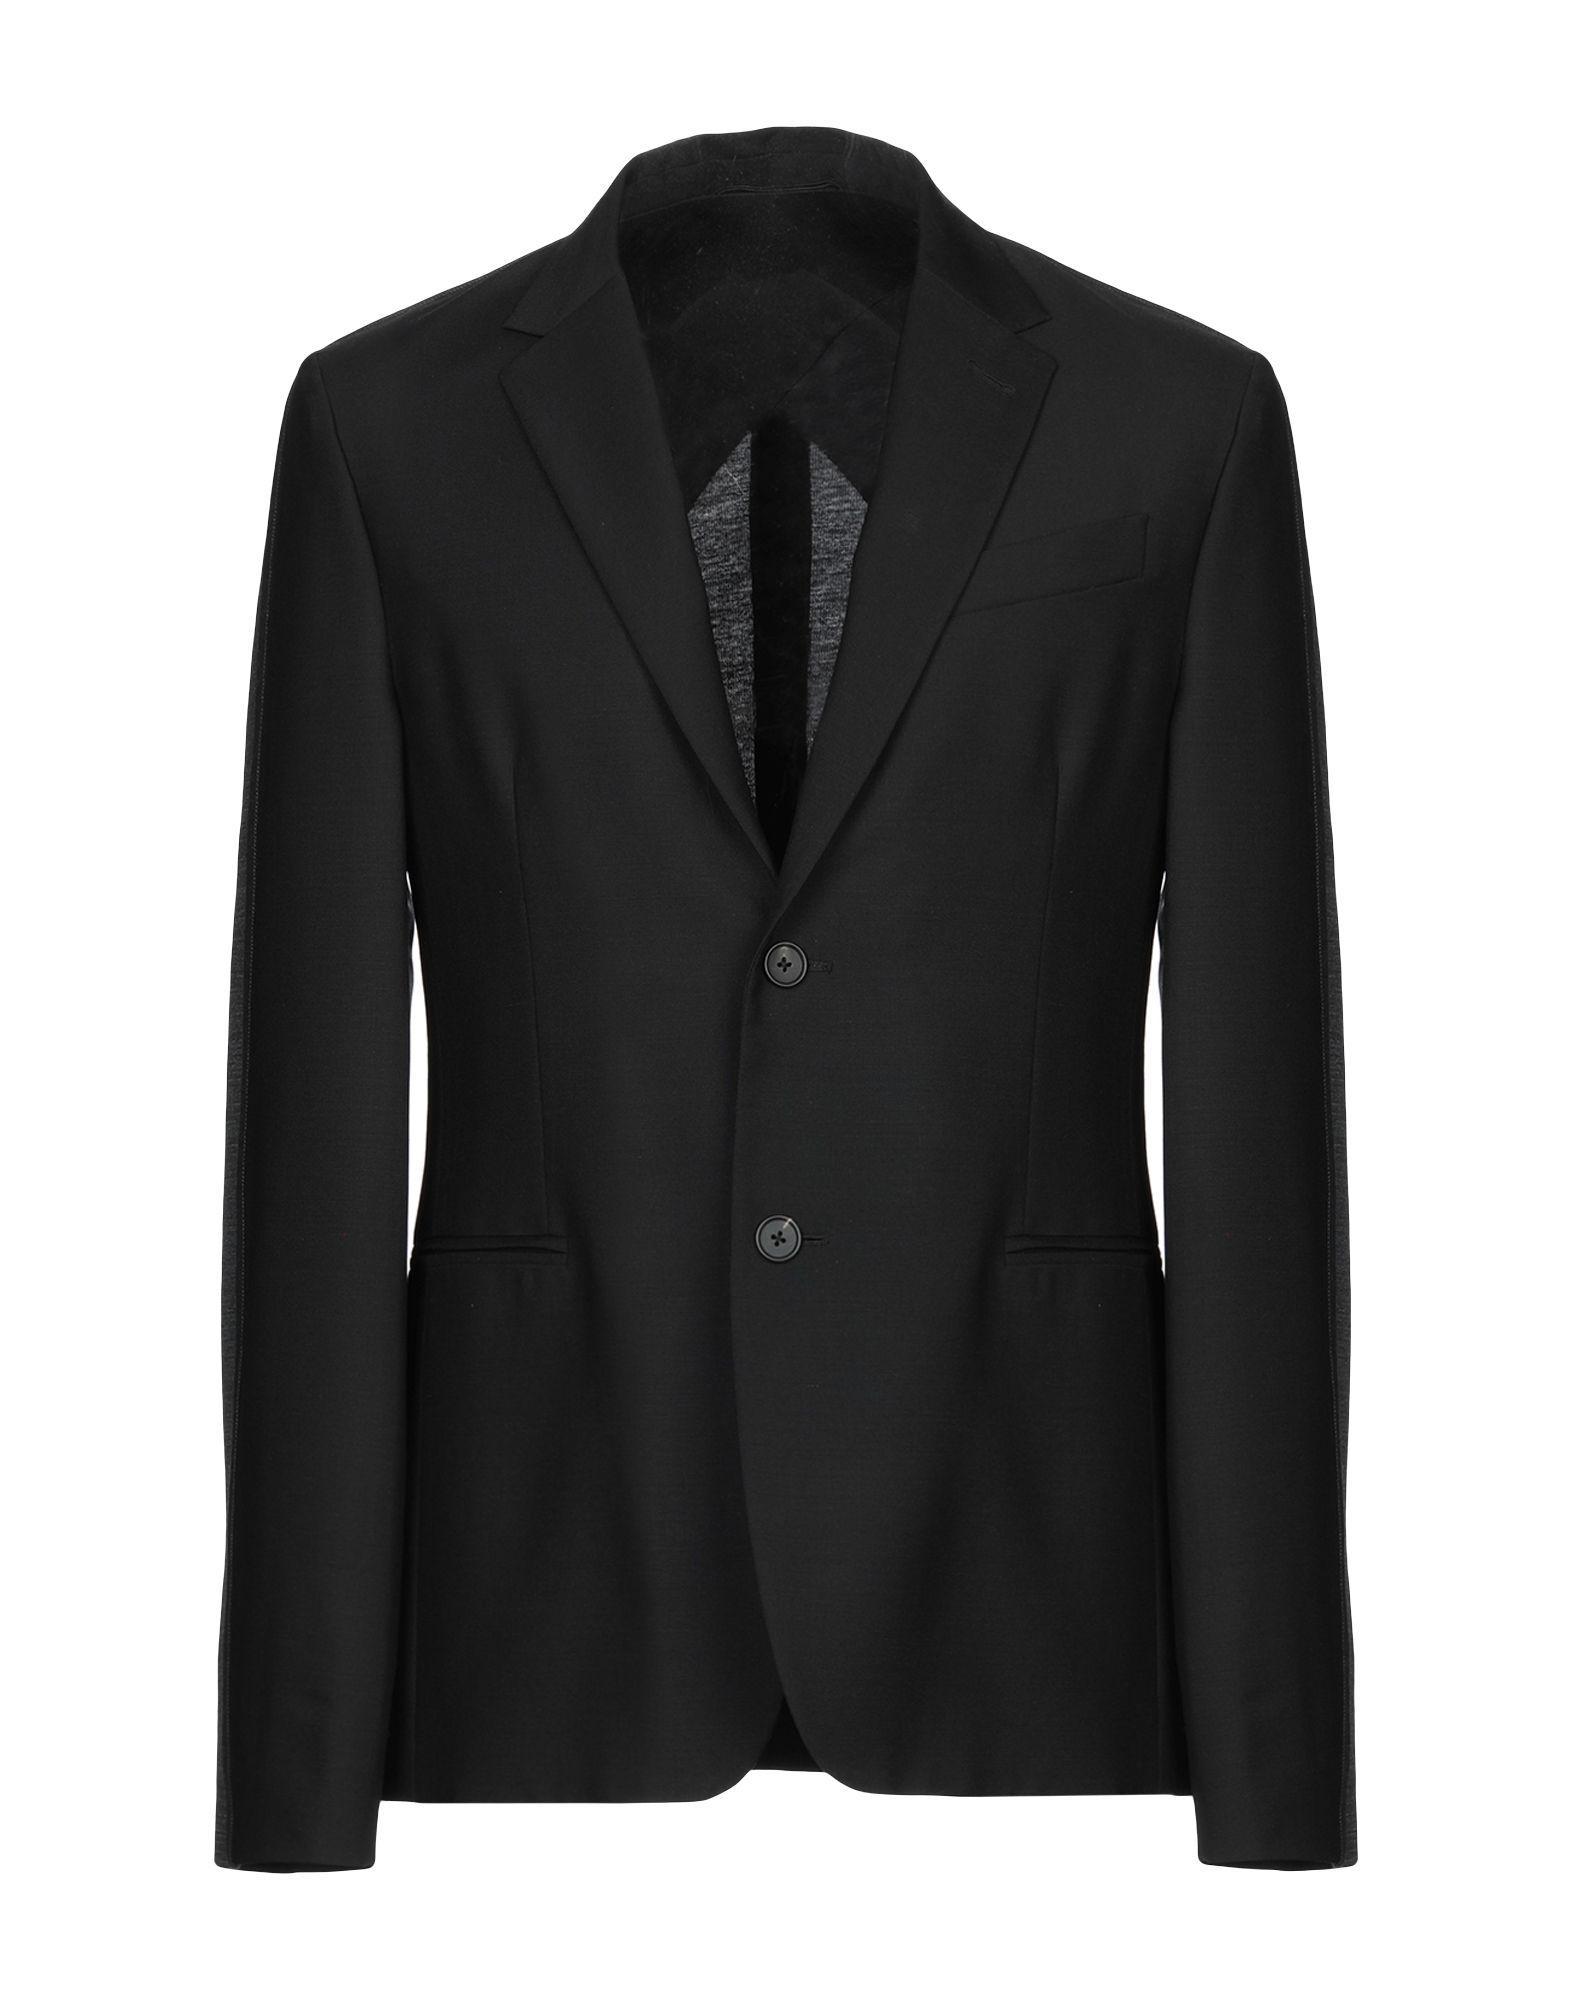 f29a5faf49c2 Balenciaga - Black Americana for Men - Lyst. Ver en pantalla completa